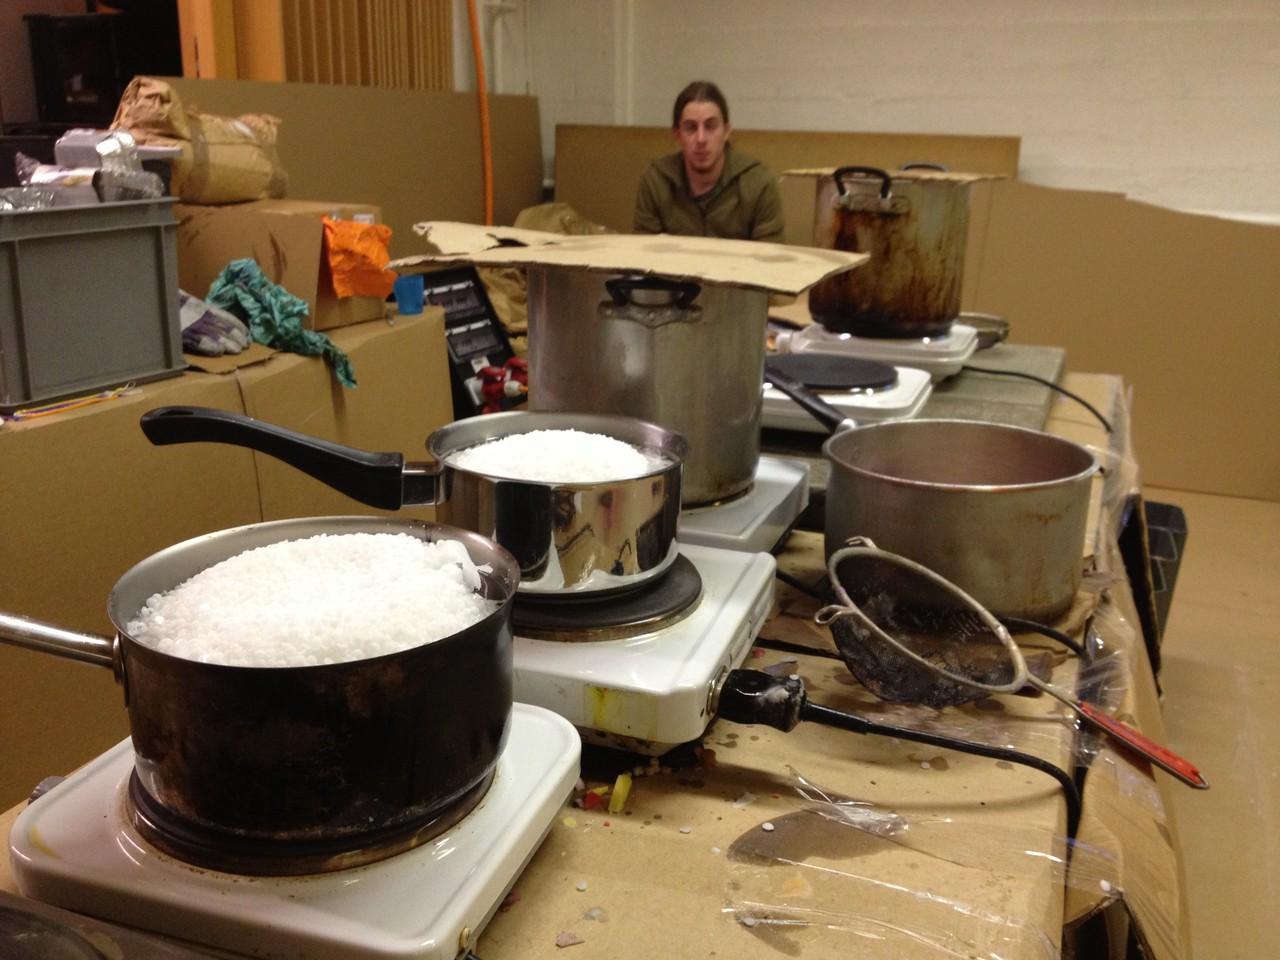 Das Wachs-Labor: Hier entsteht das Rohmaterial für die Kunstwerke unserer Kunden.